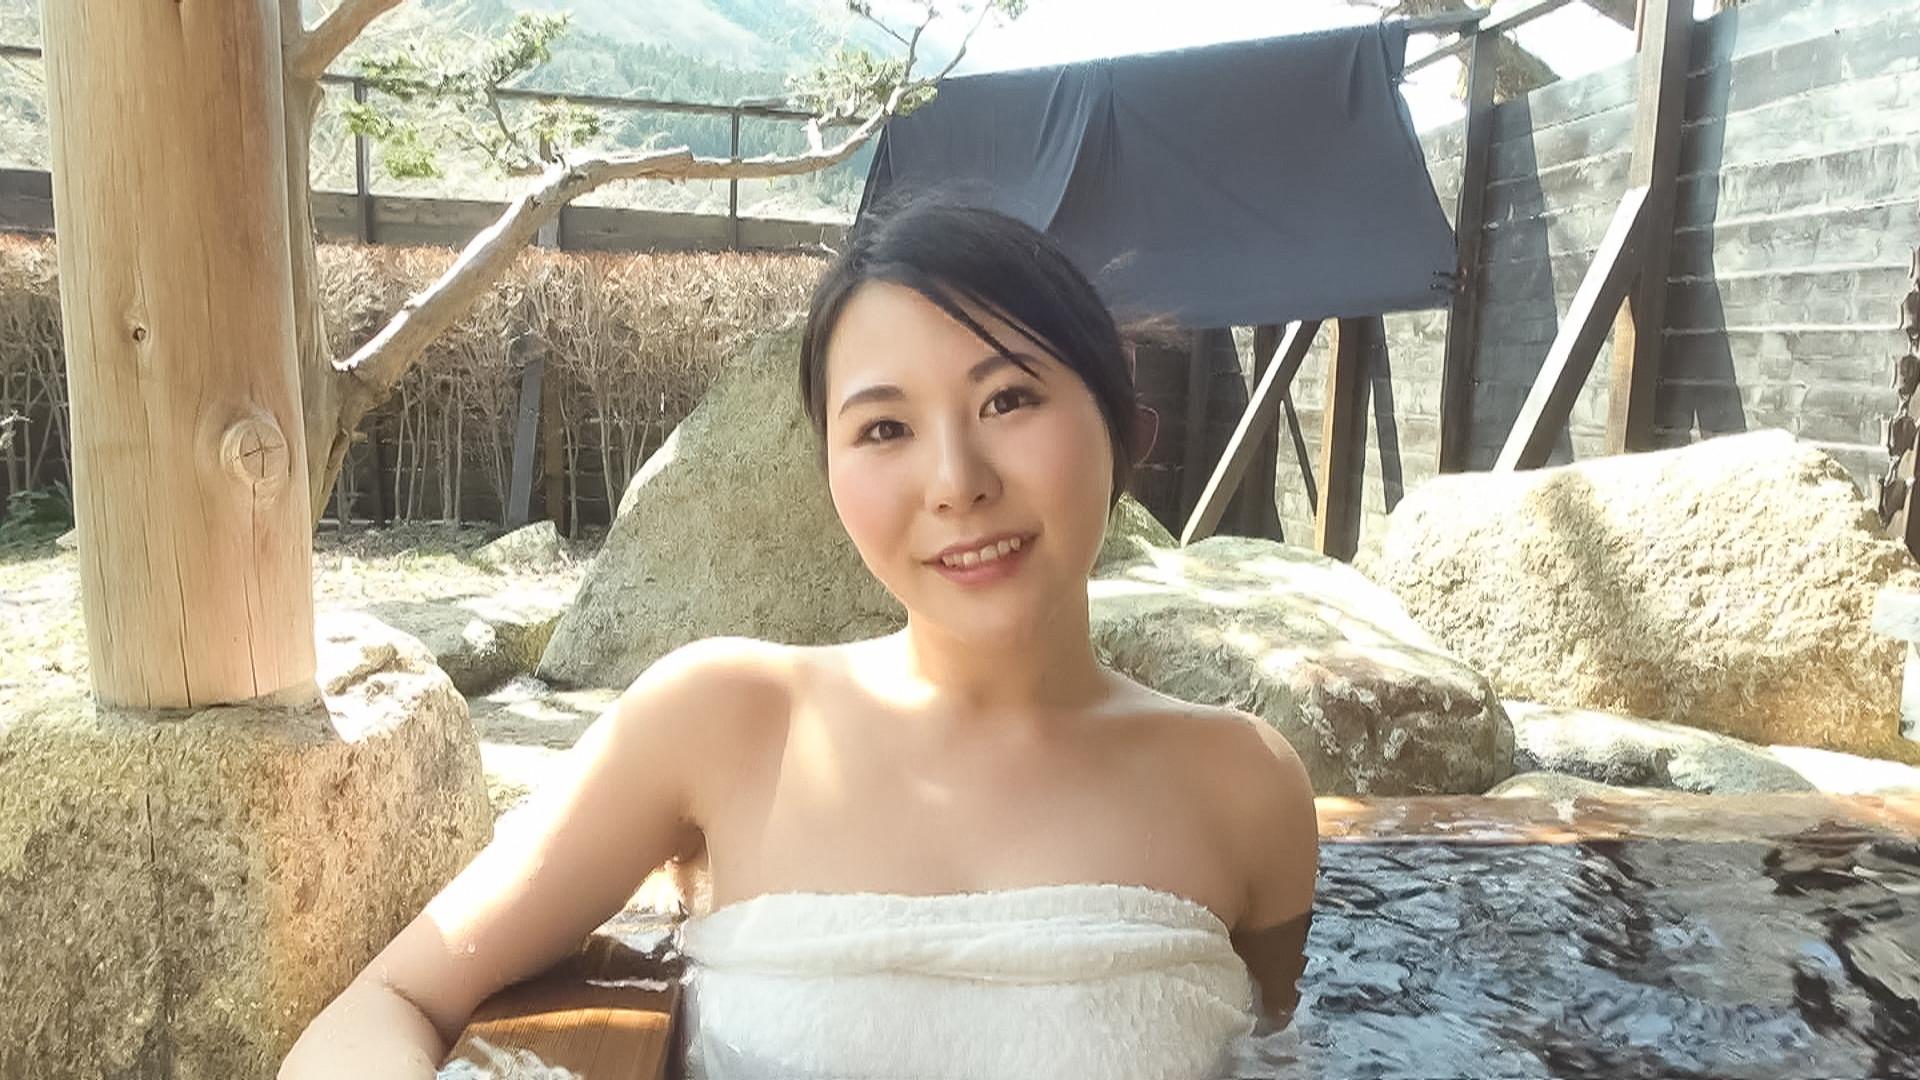 中出し露天温泉 国宝級マシュマロおっぱいIカップむっつりスケベなエロエロお姉さん 画像2